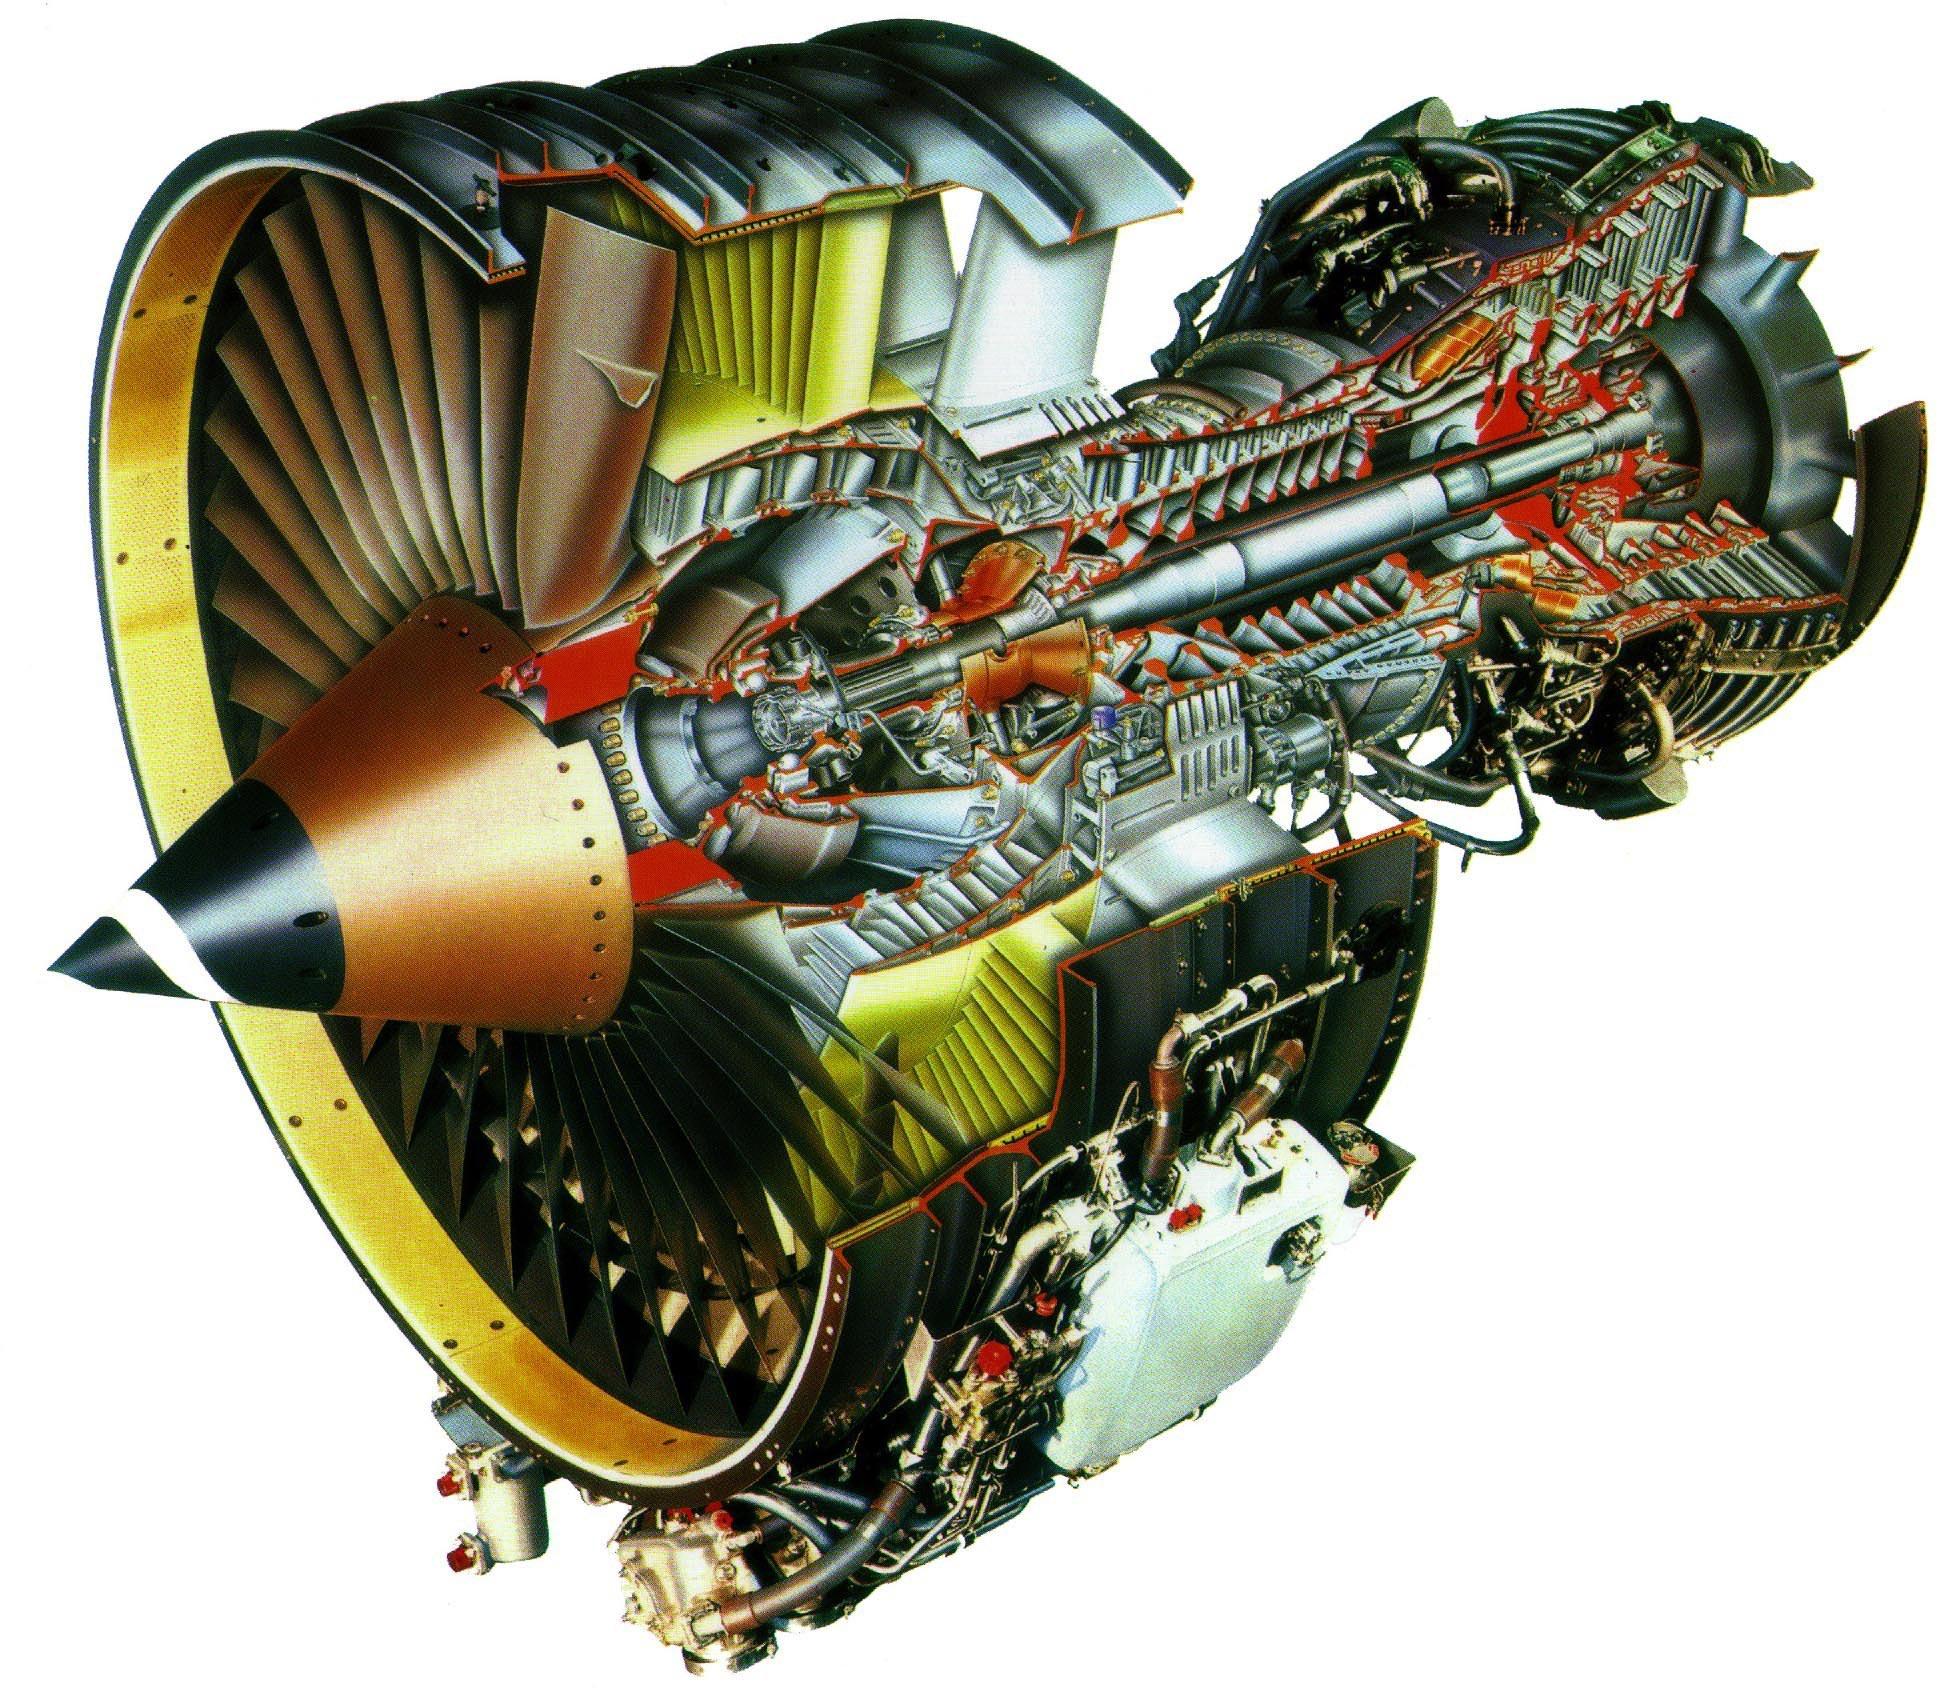 CFM56 turbofan aircraft engine cutaway drawing